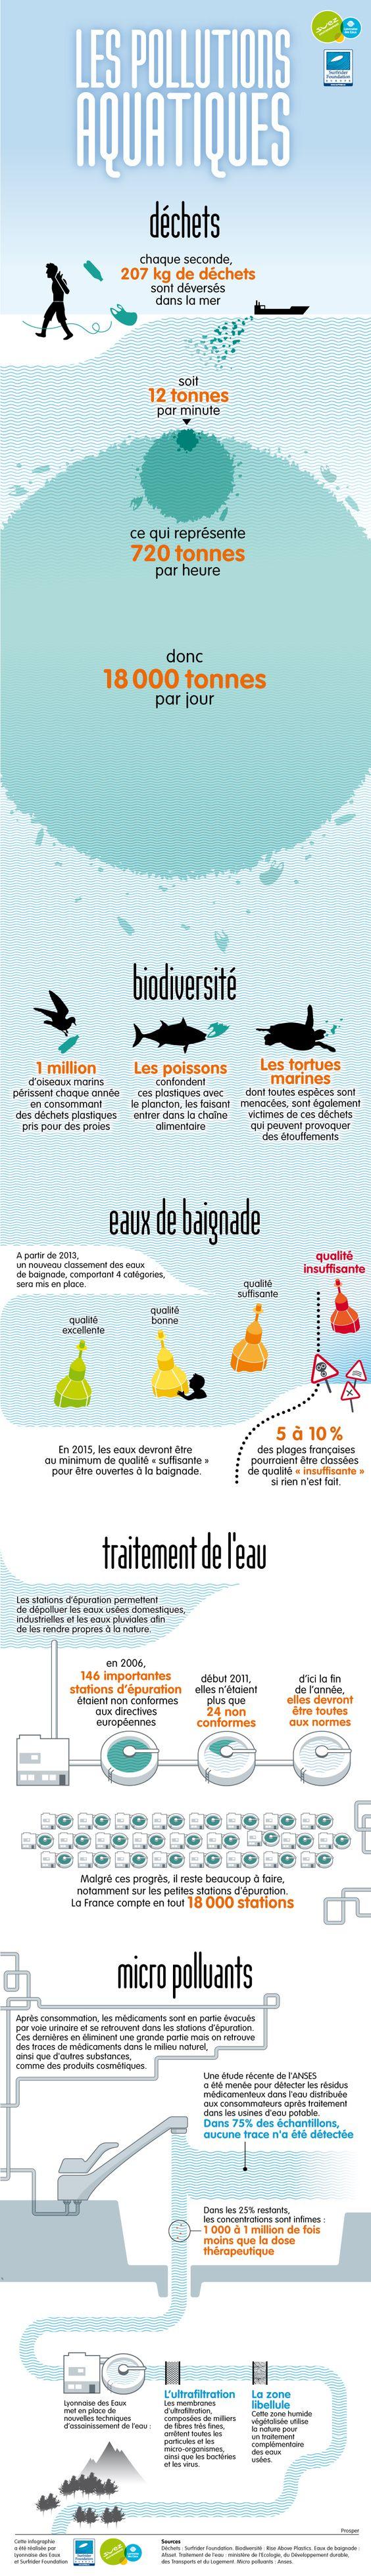 LIMITE - agence de communication responsable - Les pollutions aquatiques en infographie !